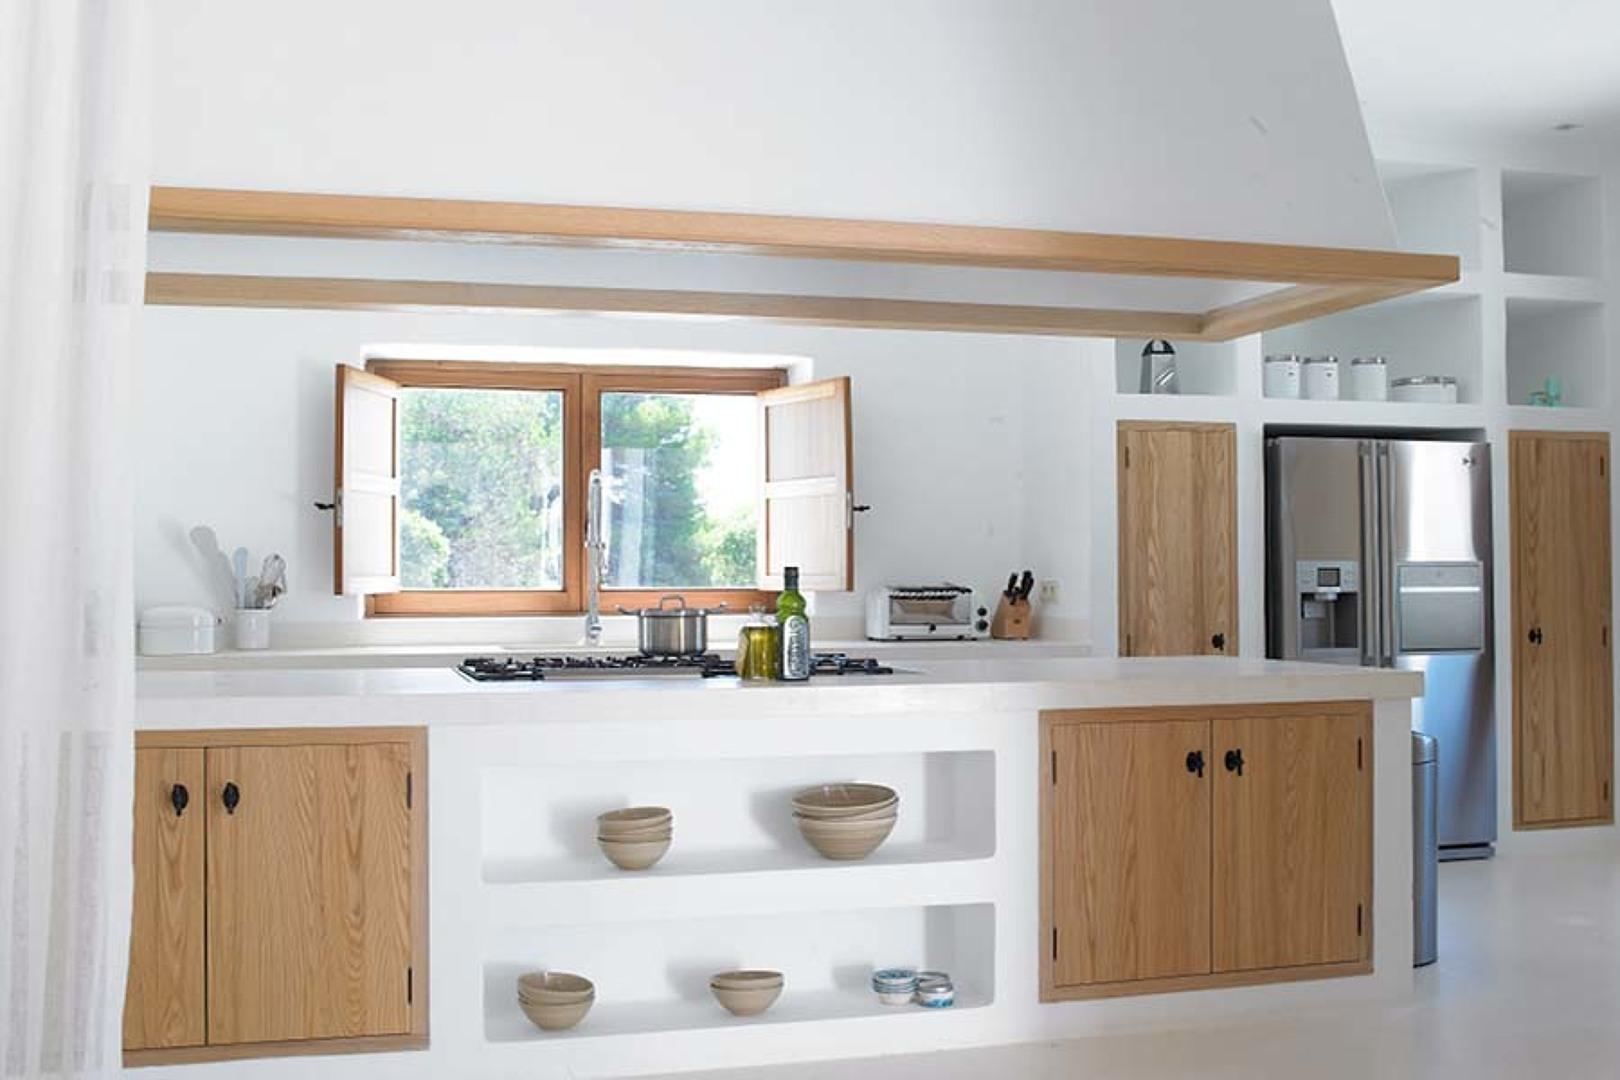 Cucina in muratura bianca con ante in legno - Cucina muratura bianca ...